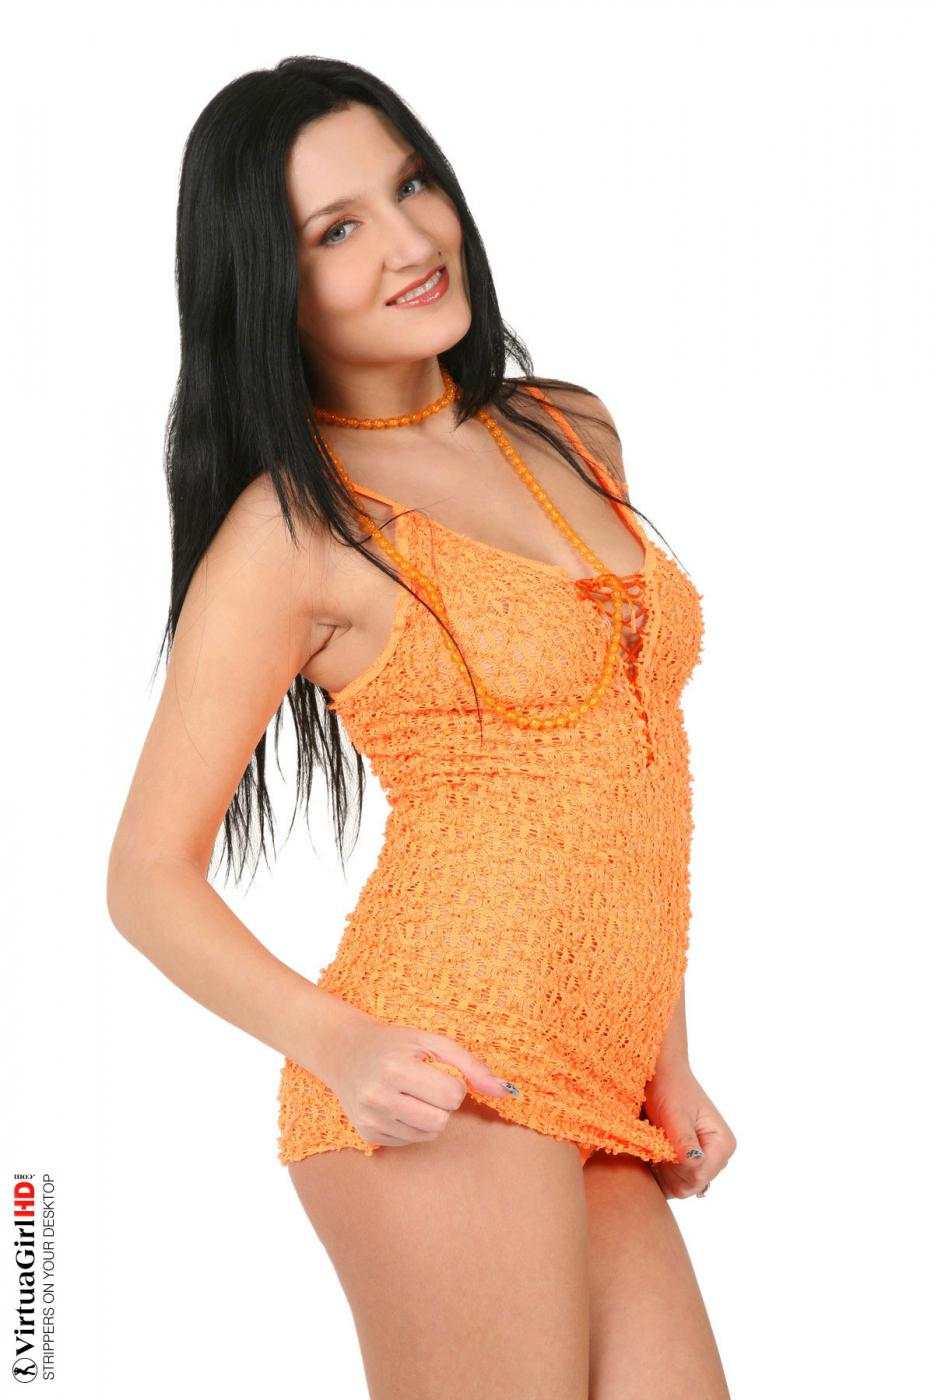 Исключительно симпатичные груди и пизда Tiffany Virtuagirl скрывается под ее желтым нарядом